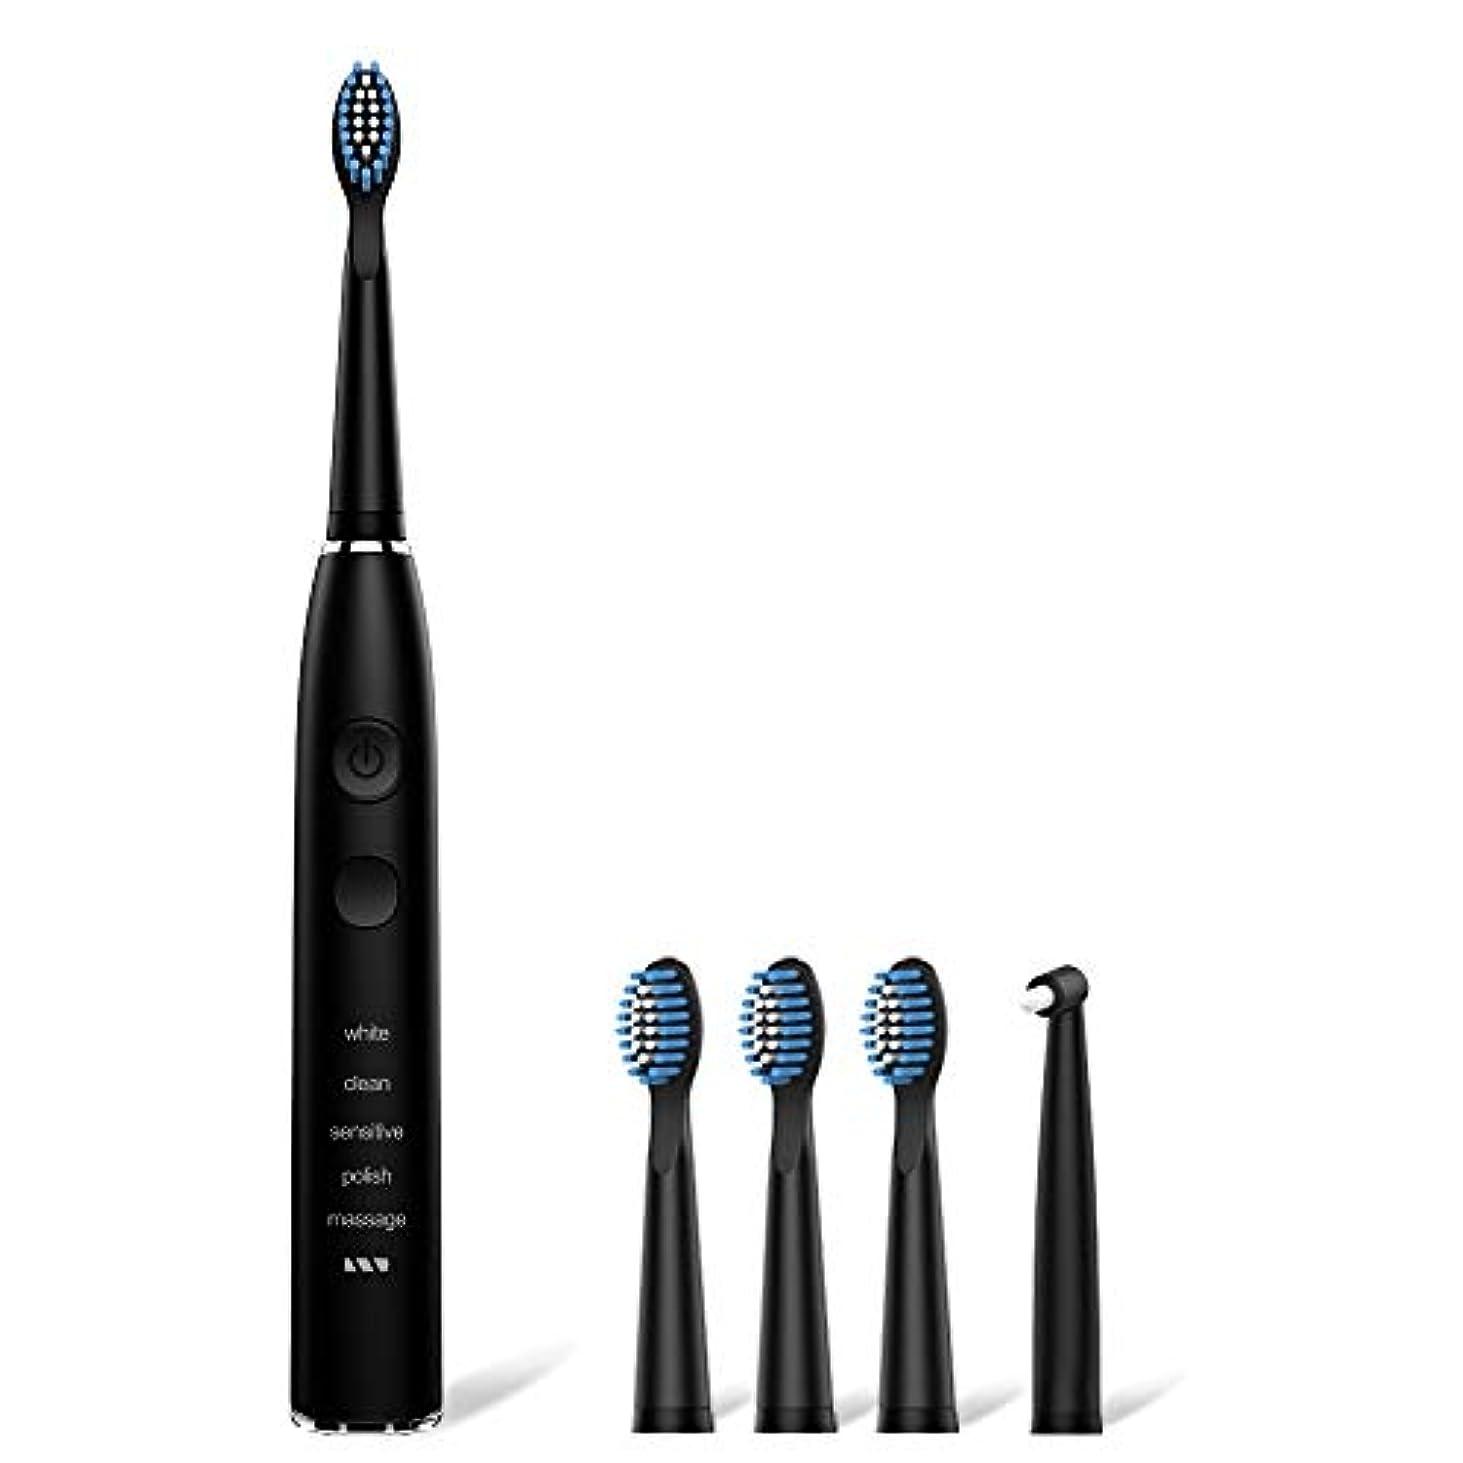 労苦ボーカル陽気な電動歯ブラシ 歯ブラシ seago 音波歯ブラシ USB充電式8時間 365日に使用 IPX7防水 五つモードと2分オートタイマー機能搭載 替えブラシ5本 12ヶ月メーカー保証 SG-575 (黒)